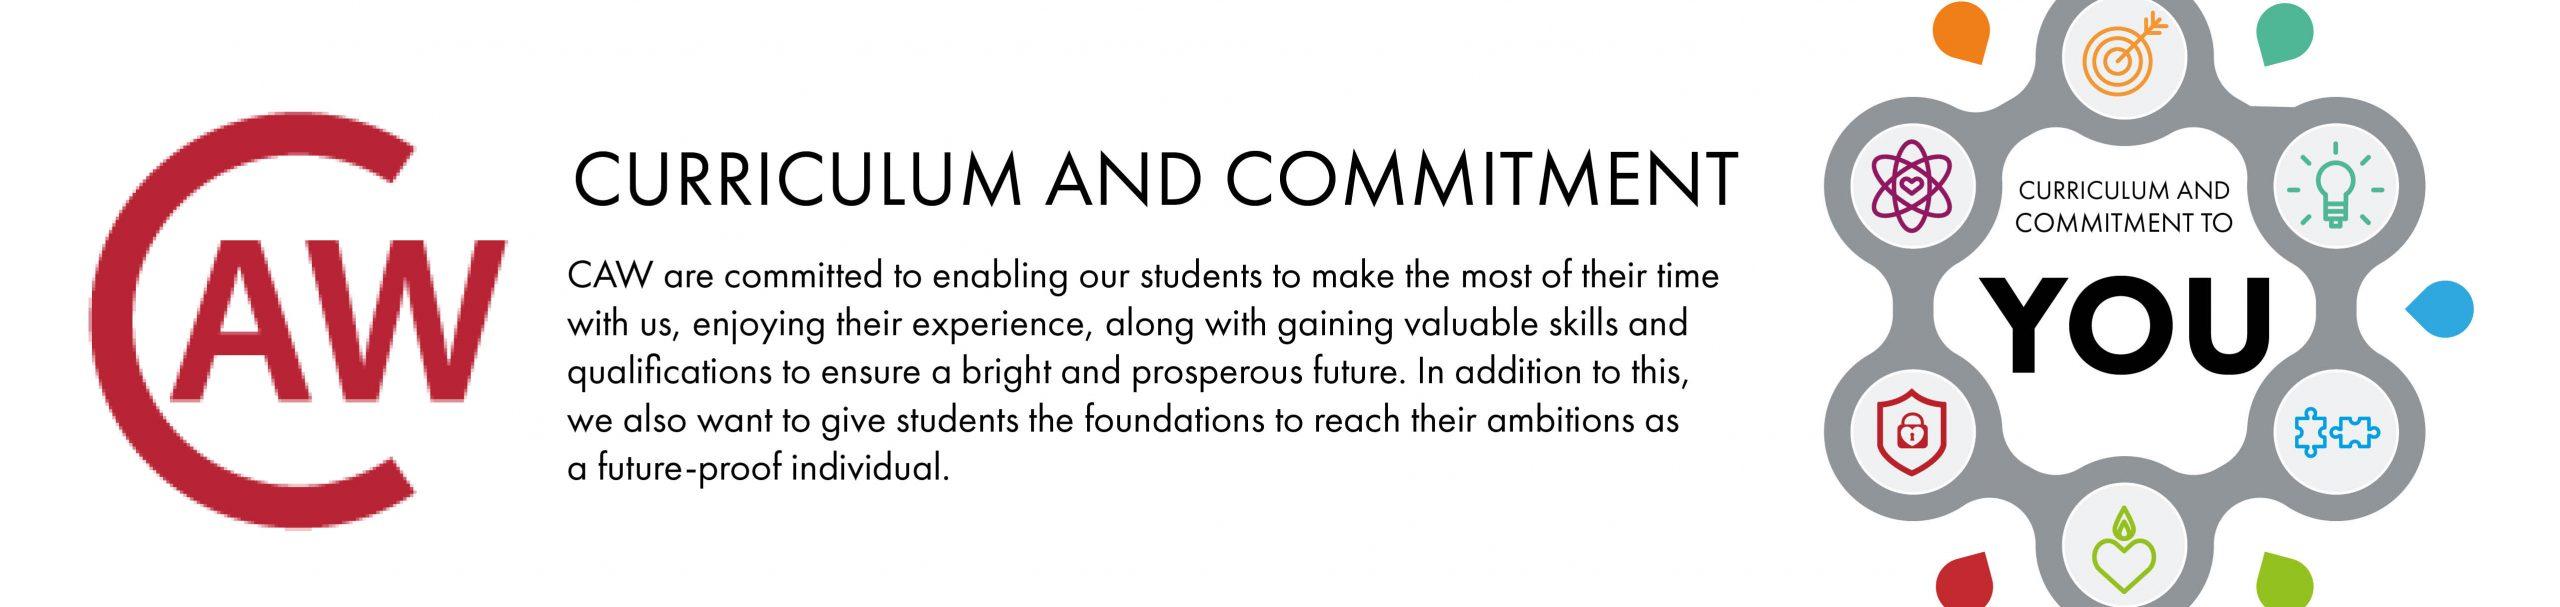 CAW Curriculum Commitment